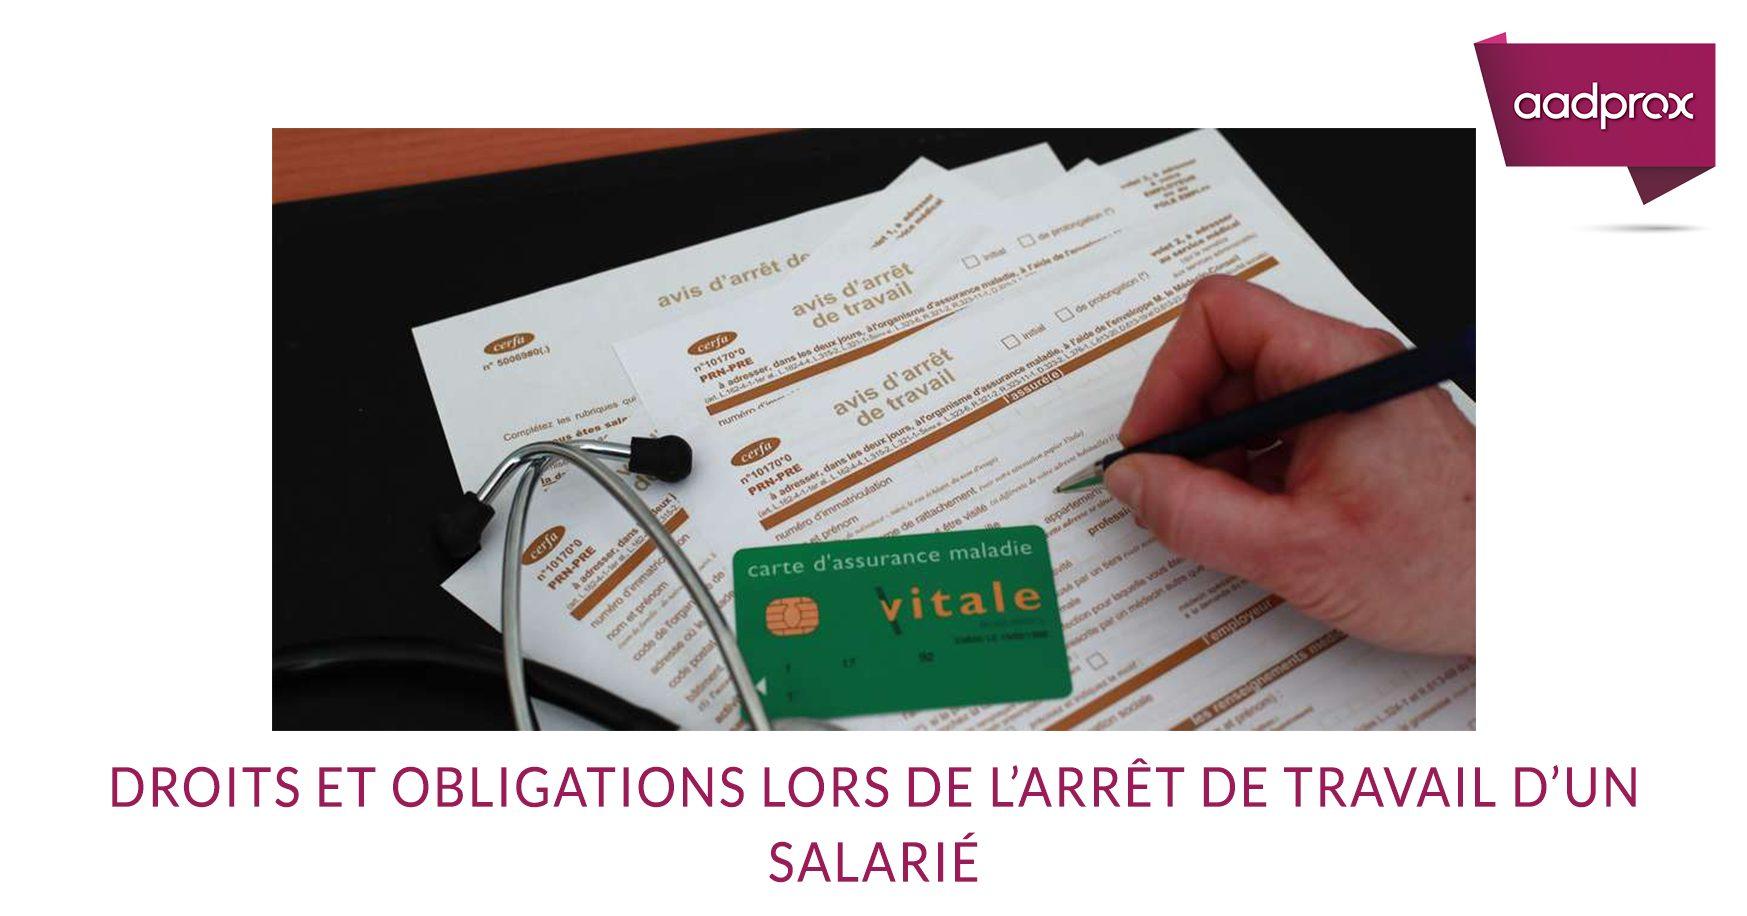 Droits et obligations lors de l'arrêt de travail d'un salarié